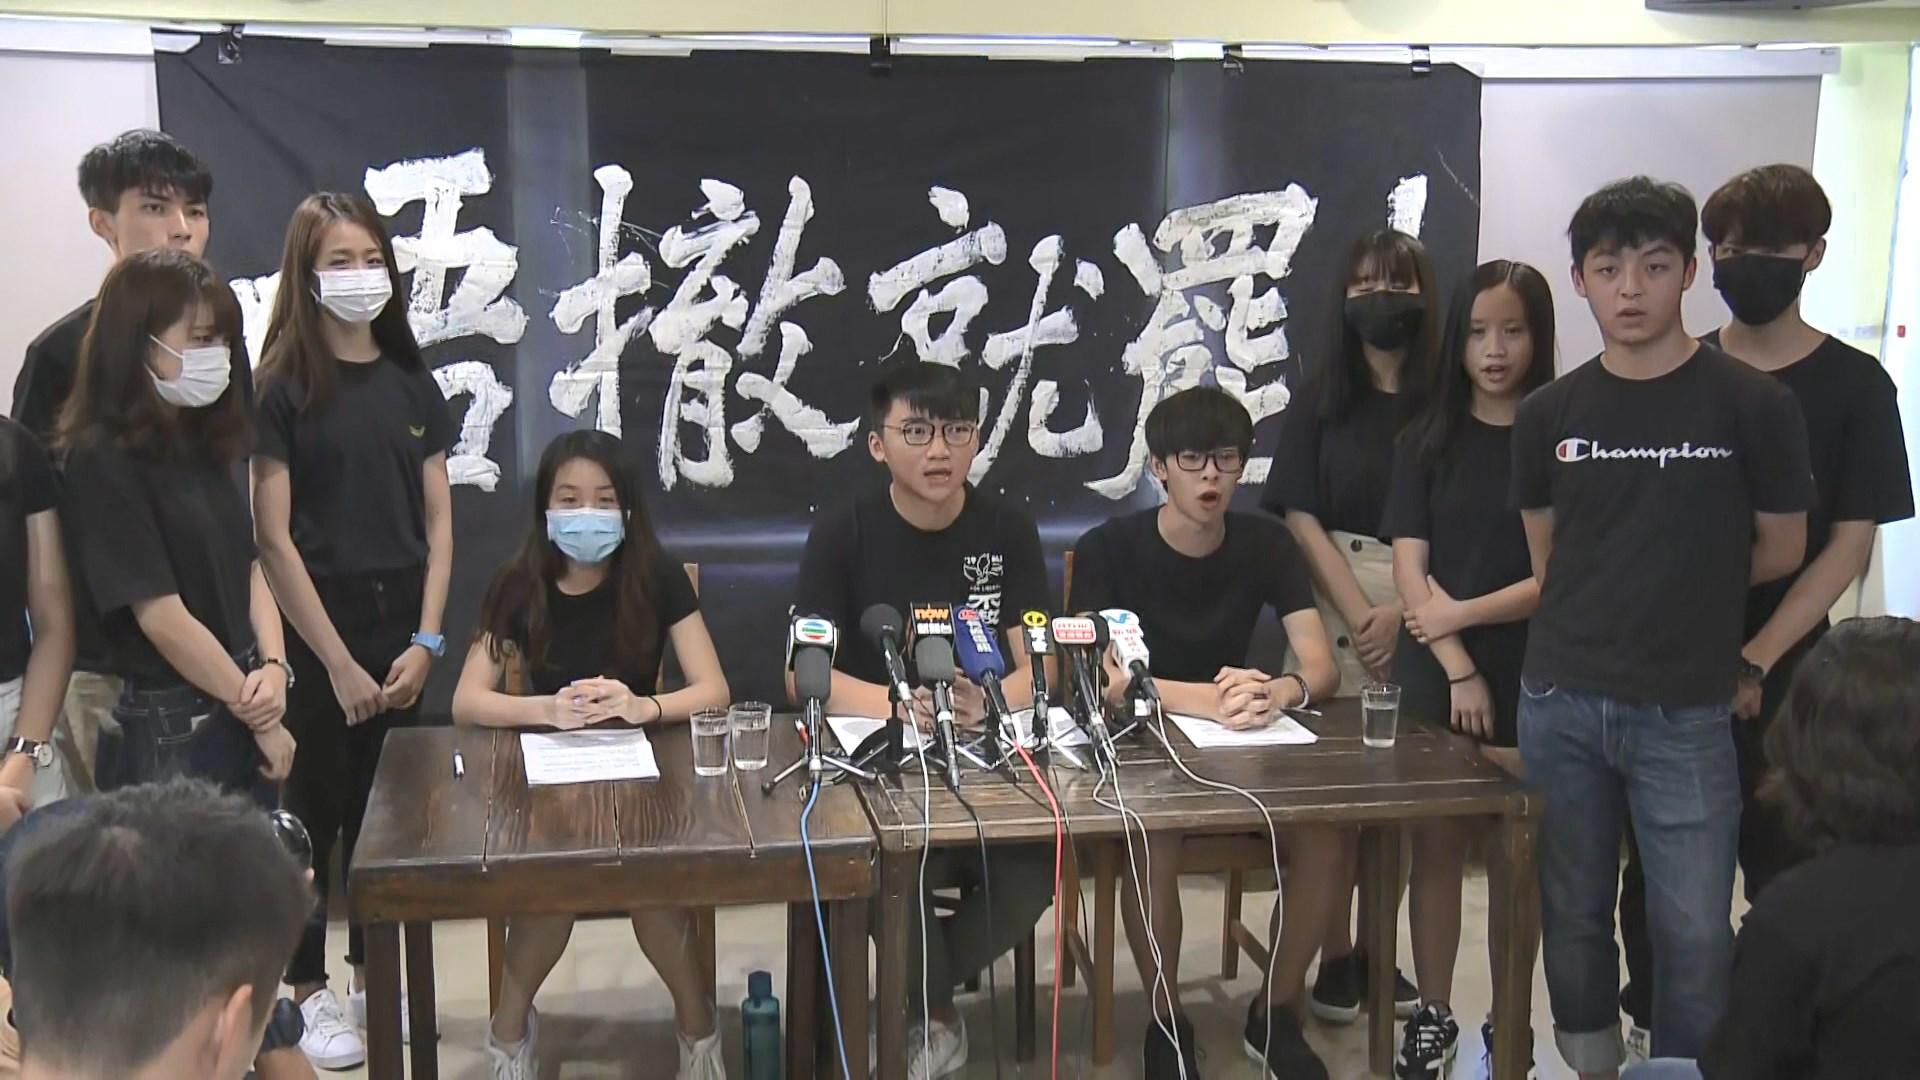 中學生平台籌備罷課 考慮港九新界三區集會